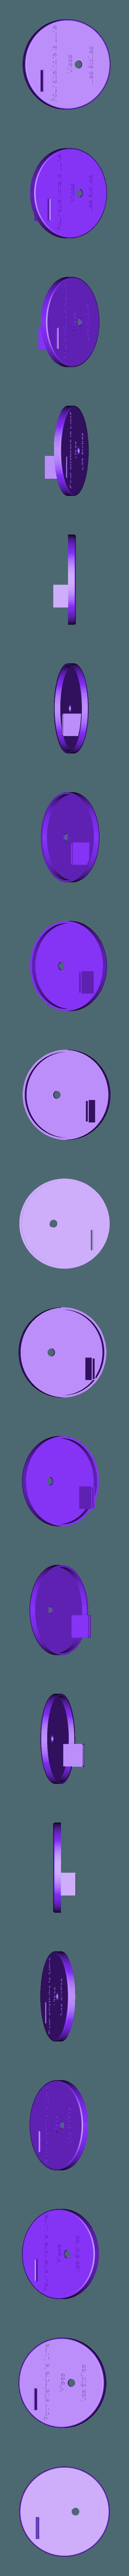 Dessus.stl Télécharger fichier STL gratuit Tirelire-Vises les étoiles ! • Plan pour impression 3D, rfbat